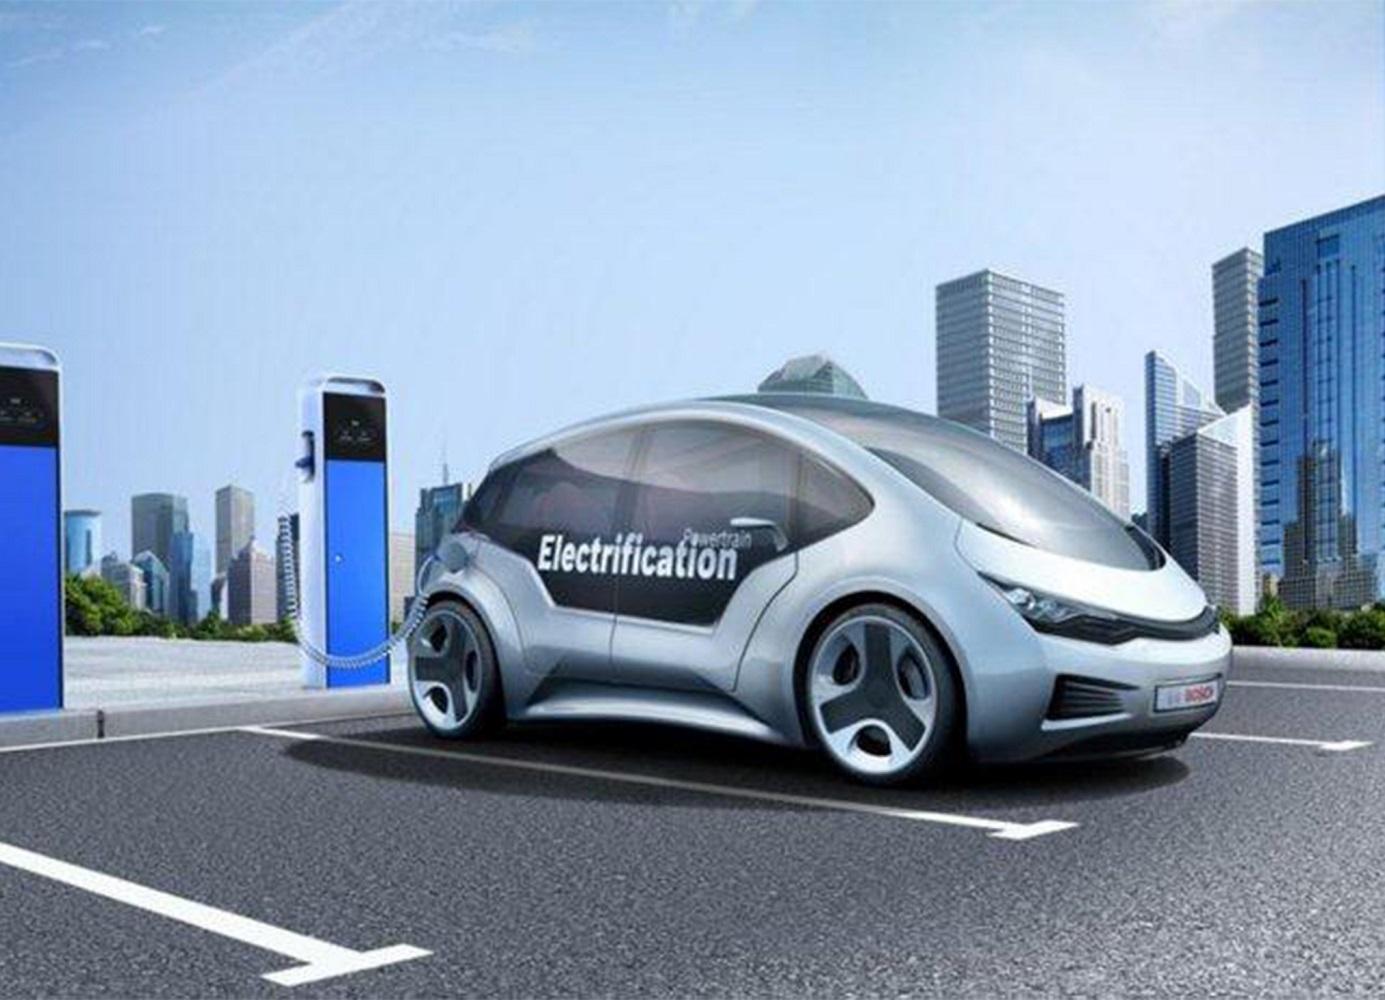 Vue d'artiste d'un véhicule équipé de batteries développées par Lithium Energy and Power GmbH & Co. KG